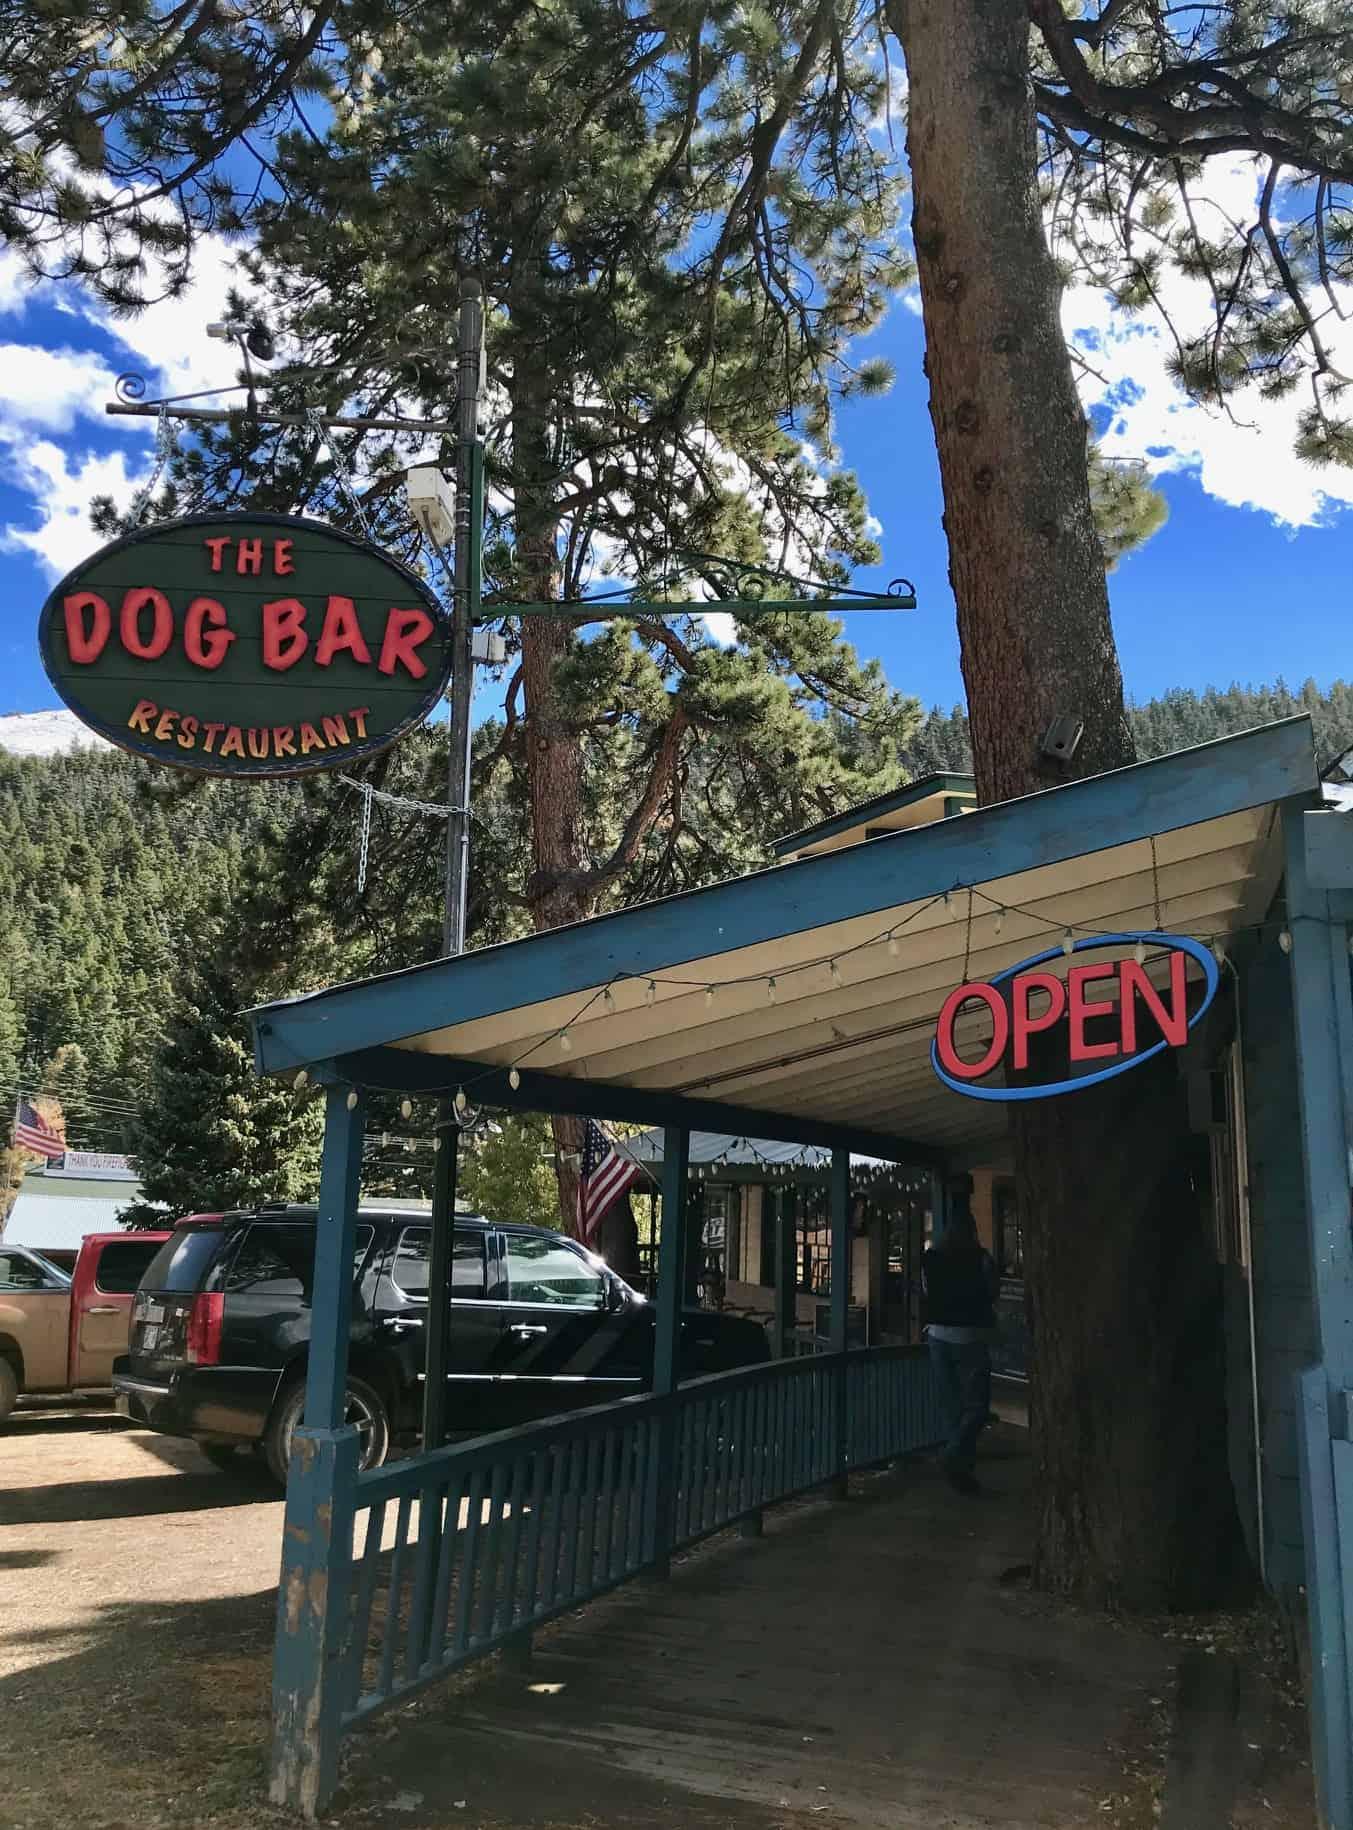 Sign at the pet friendly Dog Bar in Cuchara, Colorado